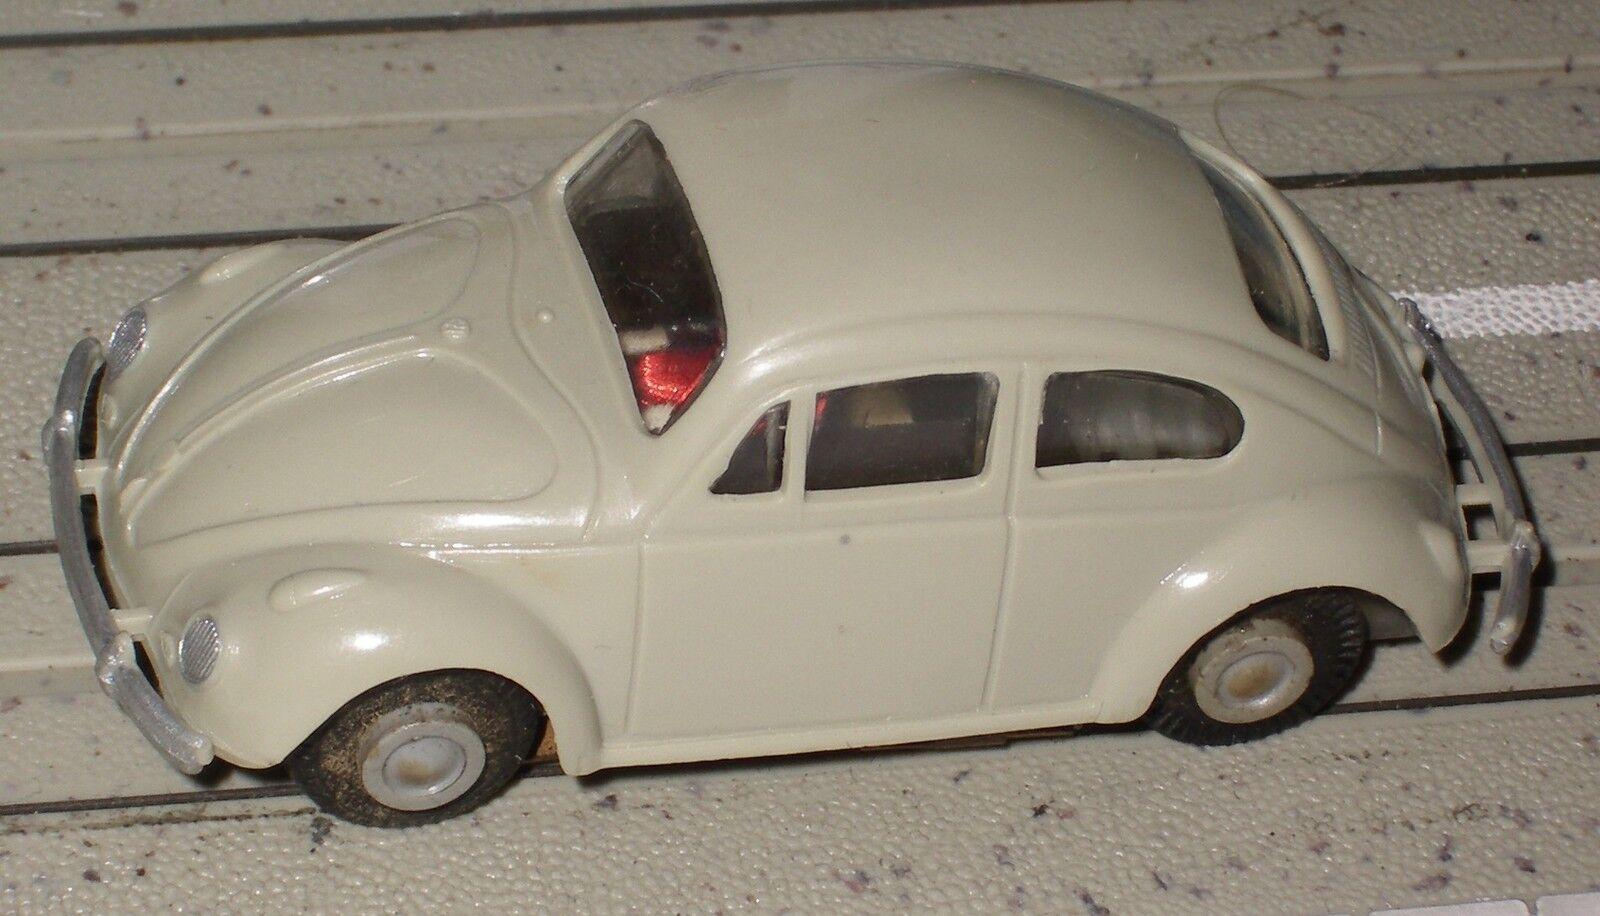 Faller AMS rarità VW MAGGIOLINO, Typ 1 con motore di blocco